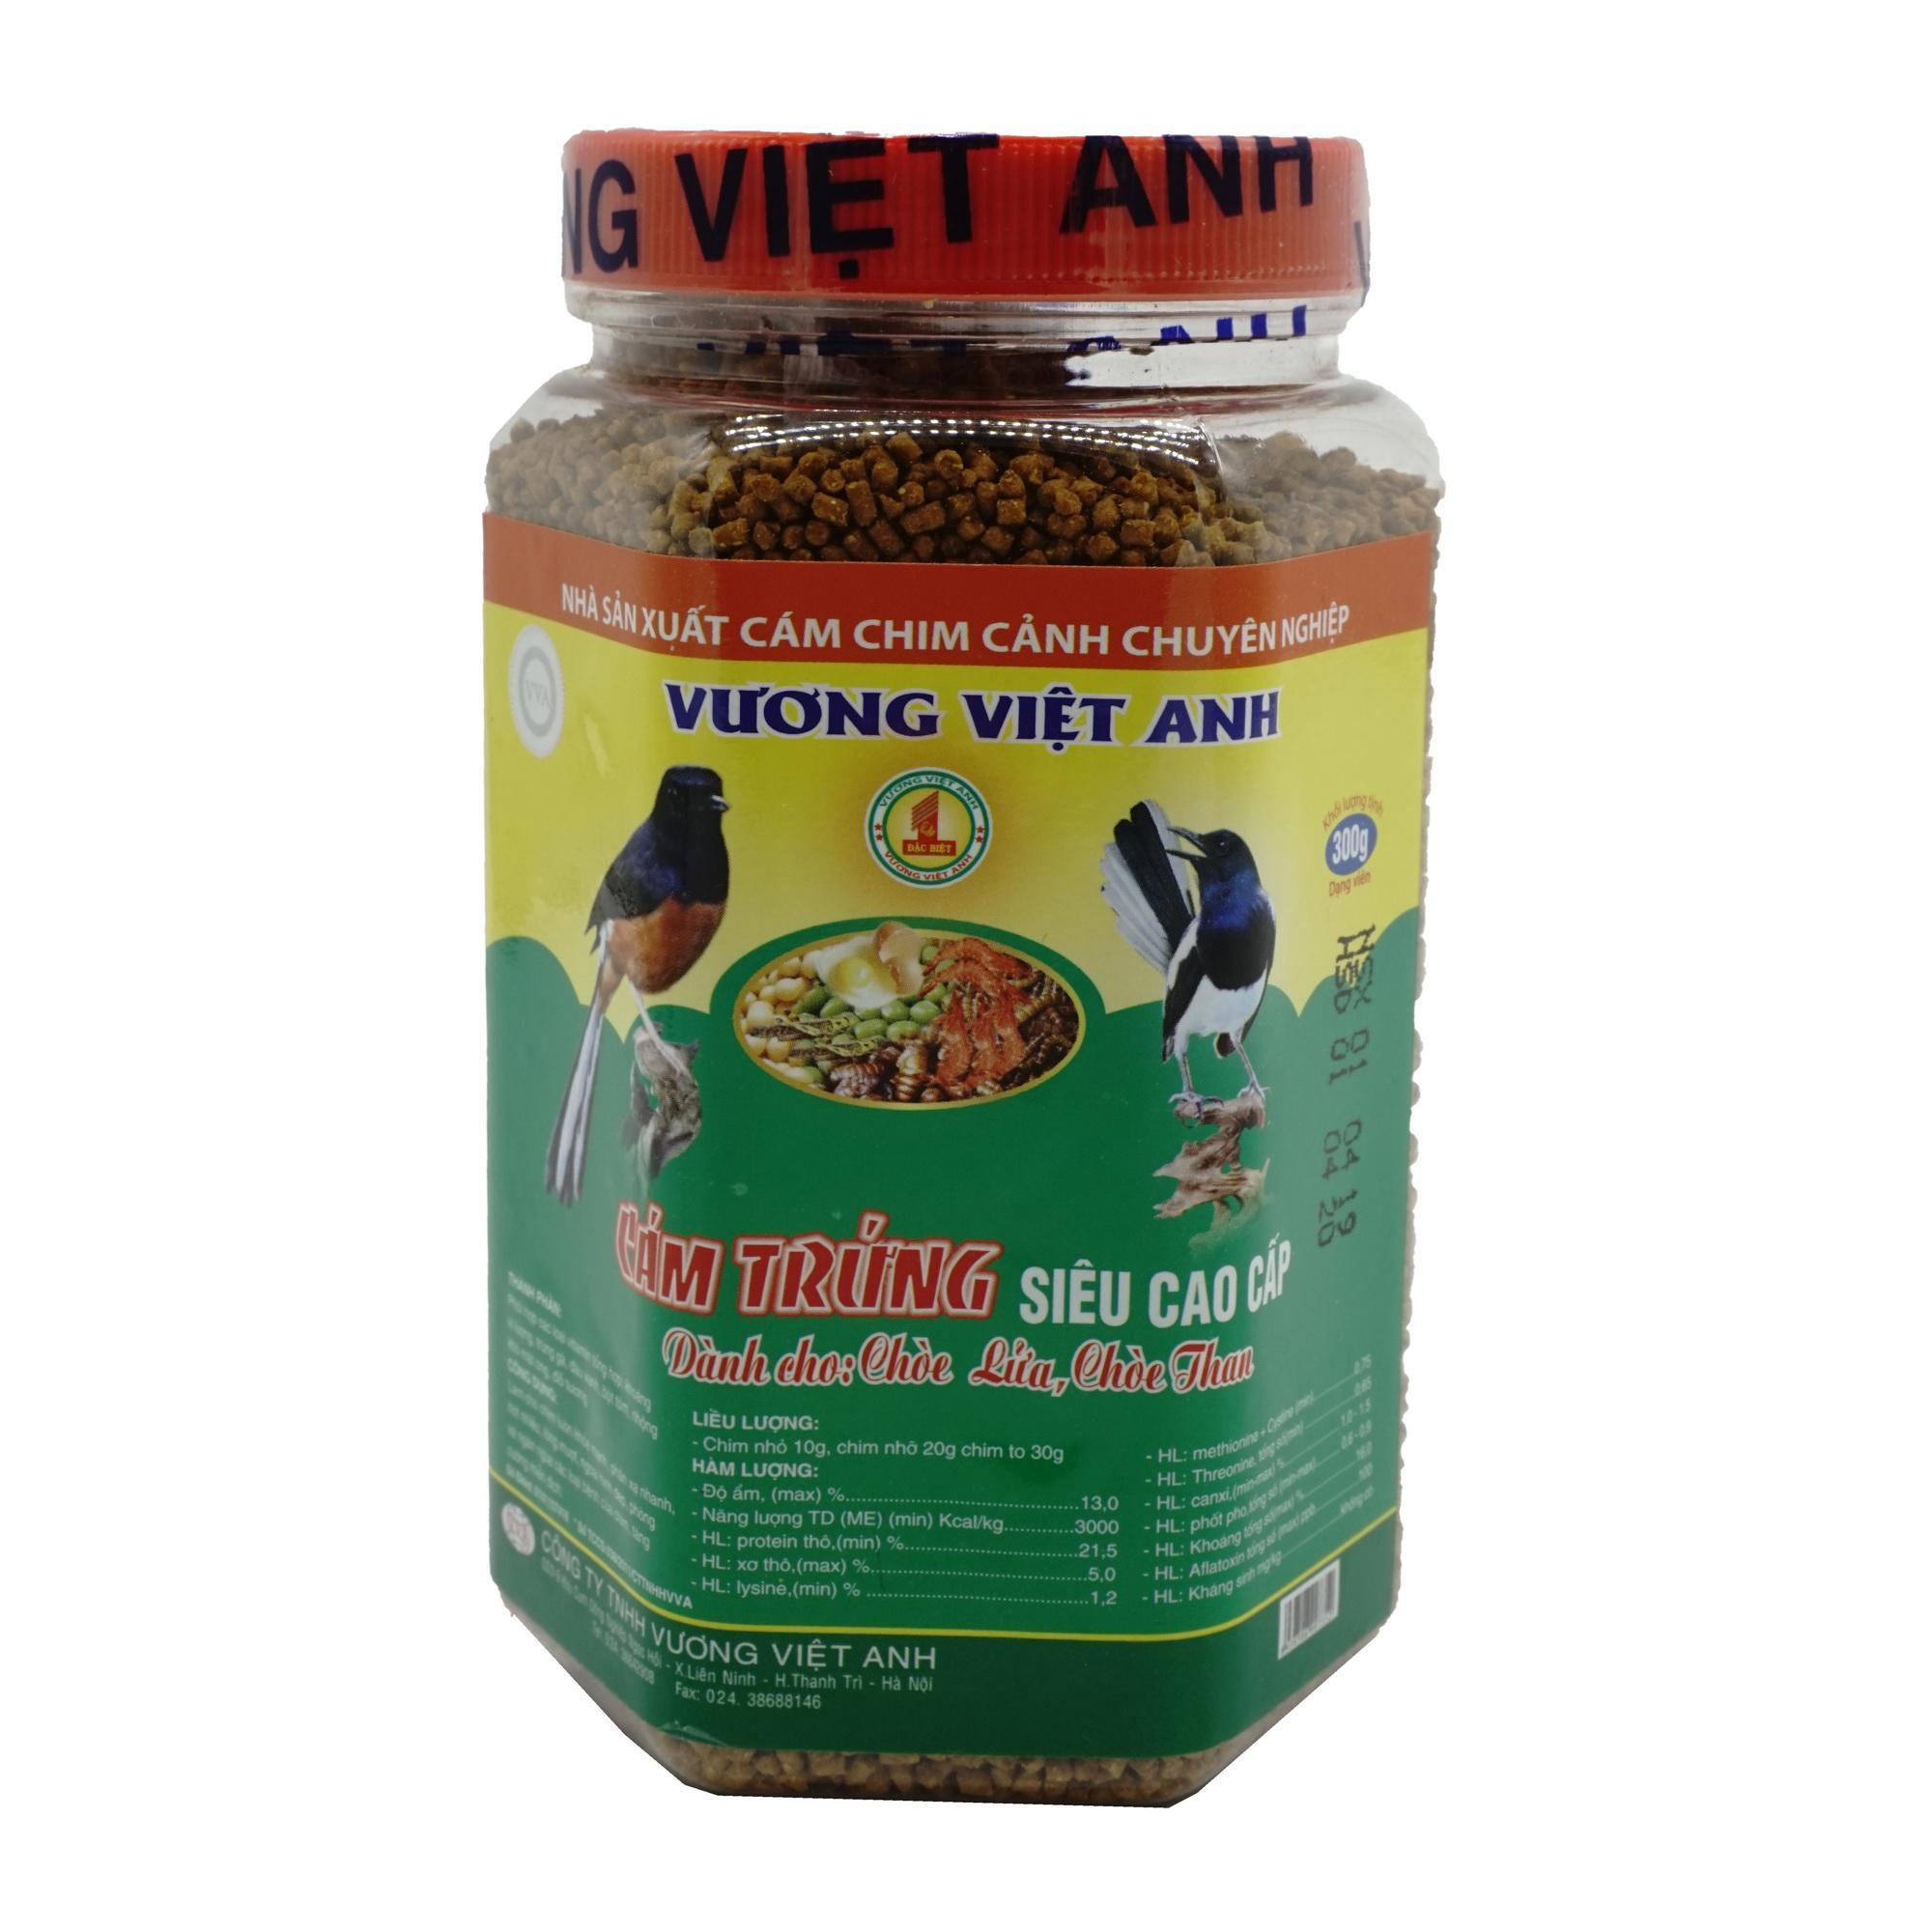 Cám trứng cao cấp dành cho Chòe lửa, chòe than VVA 300g